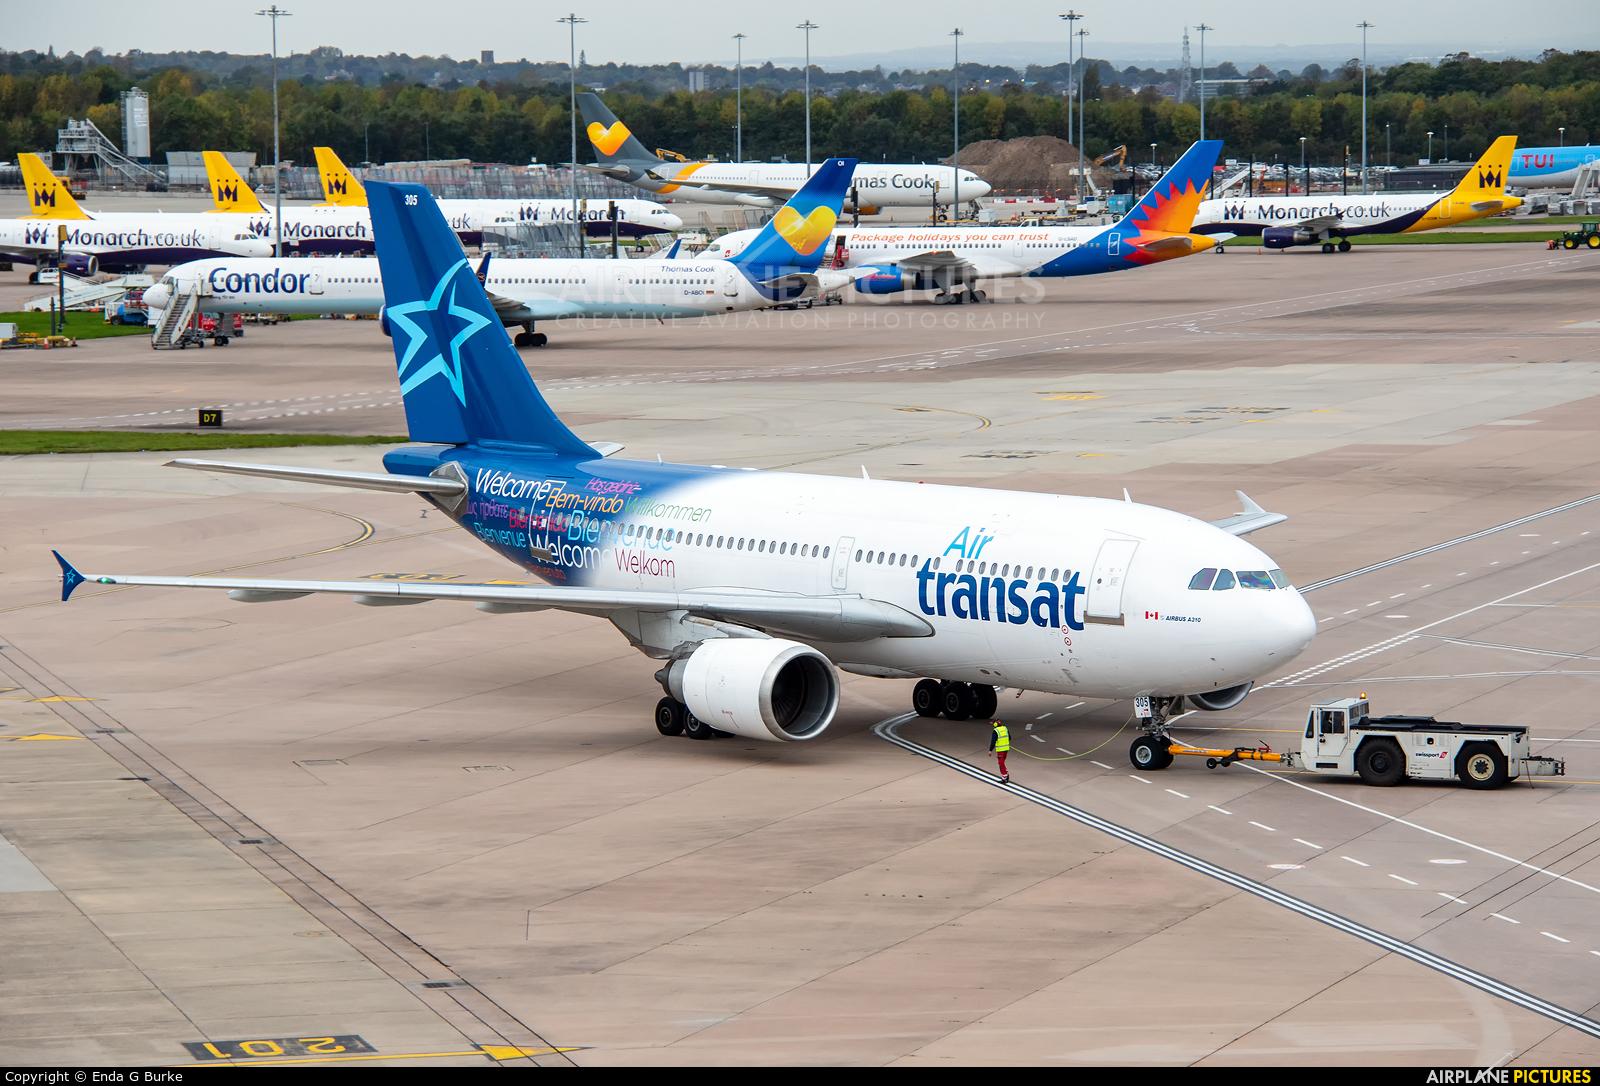 Air Transat C-FDAT aircraft at Manchester